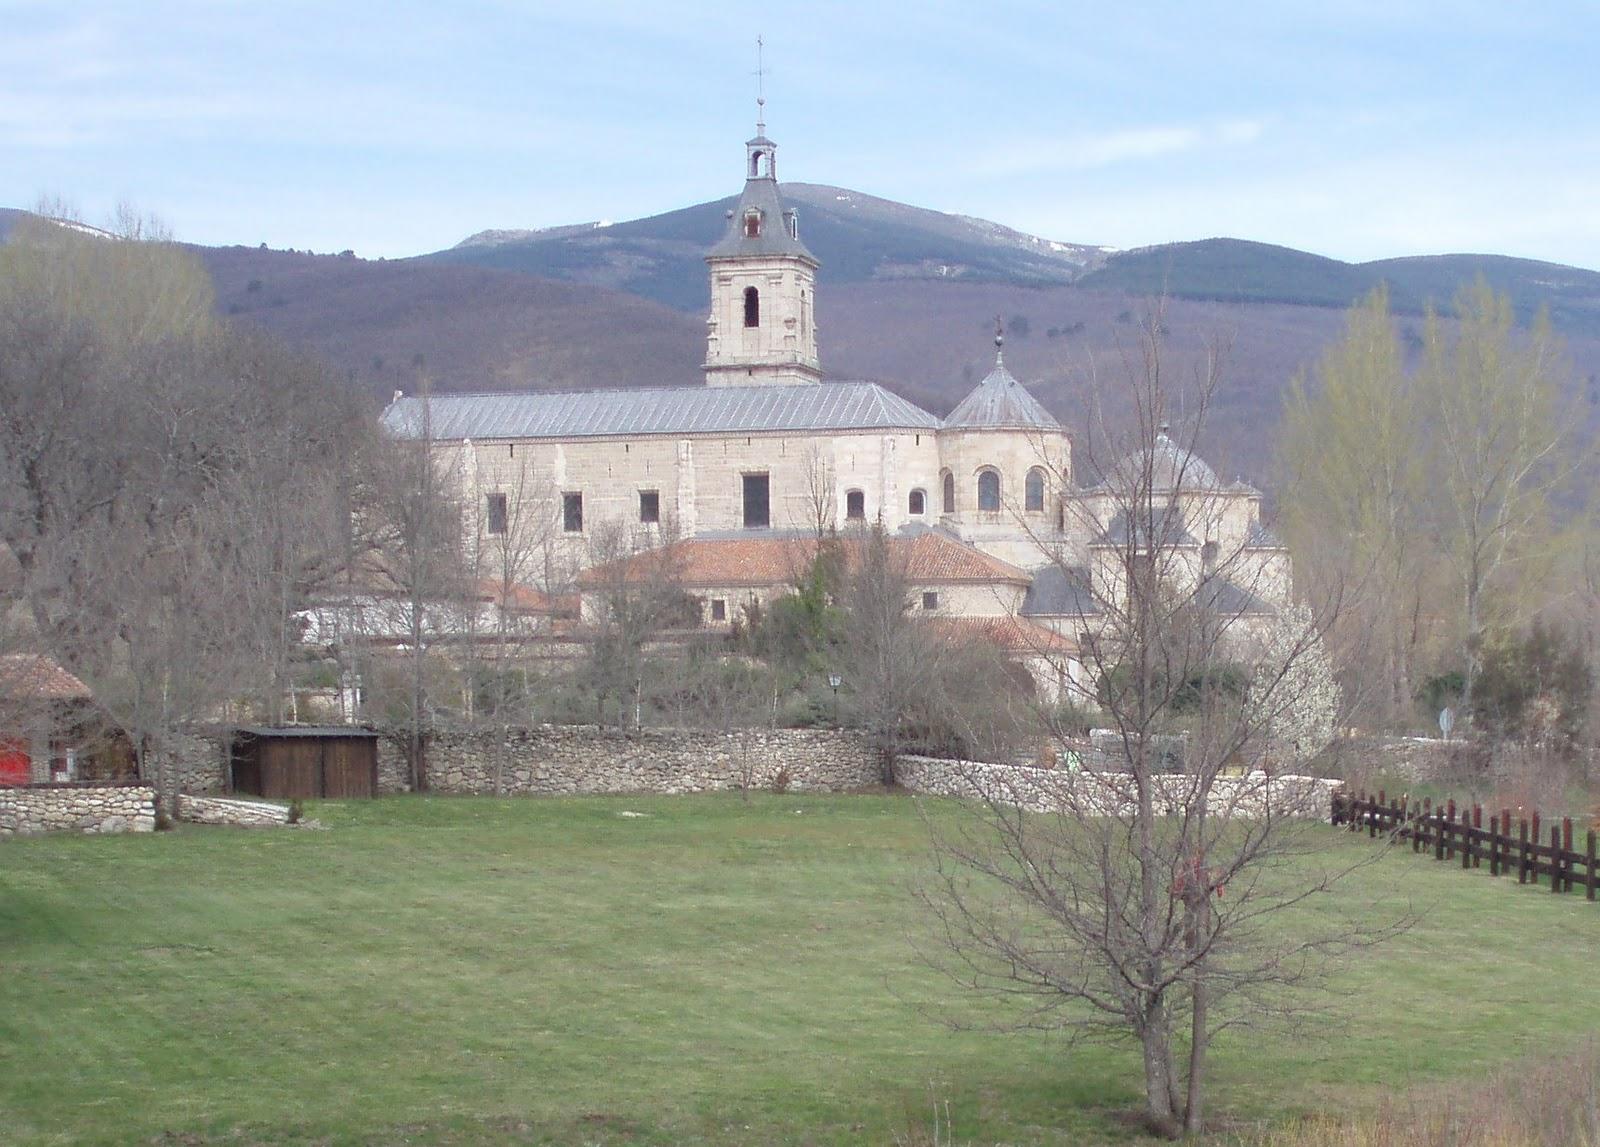 Lugares sitios y pueblos con encanto que ver y visitar - Lugares con encanto madrid ...